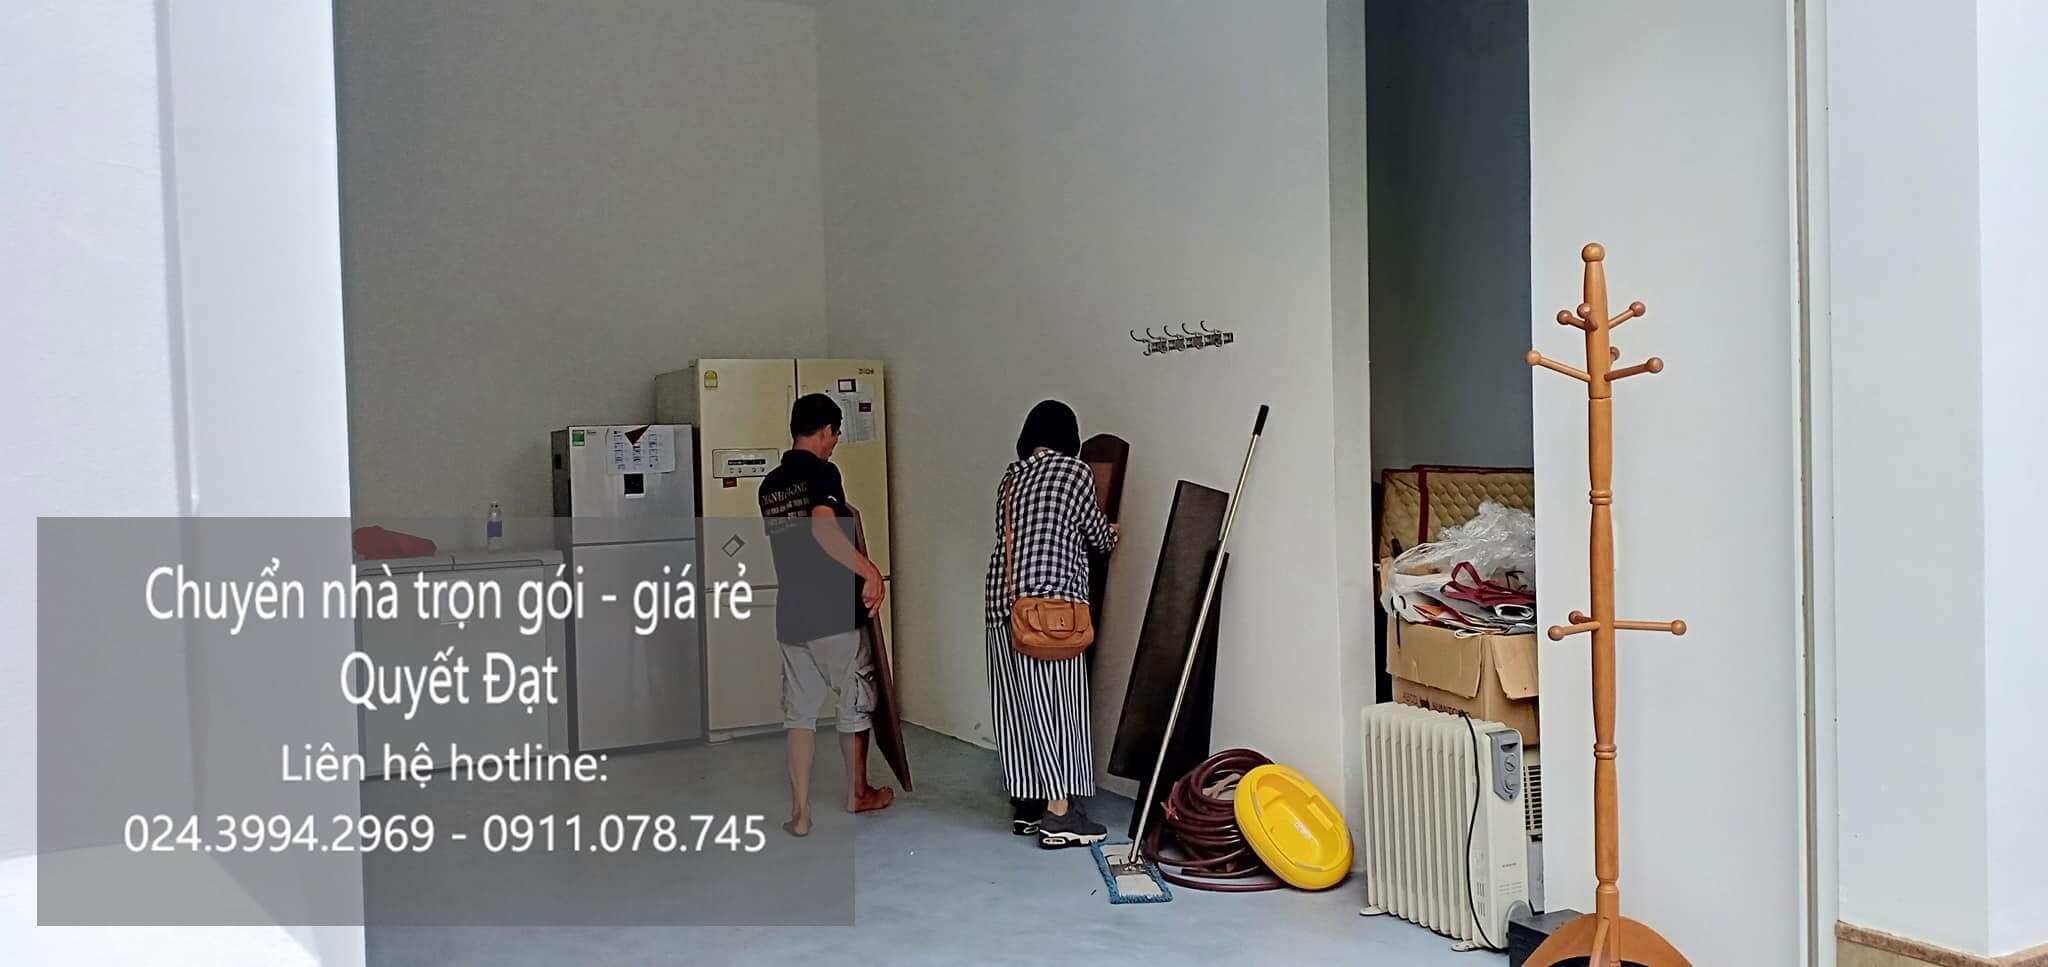 Dịch vụ chuyển nhà trọn gói Quyết Đạt tại phố Gia Ngư